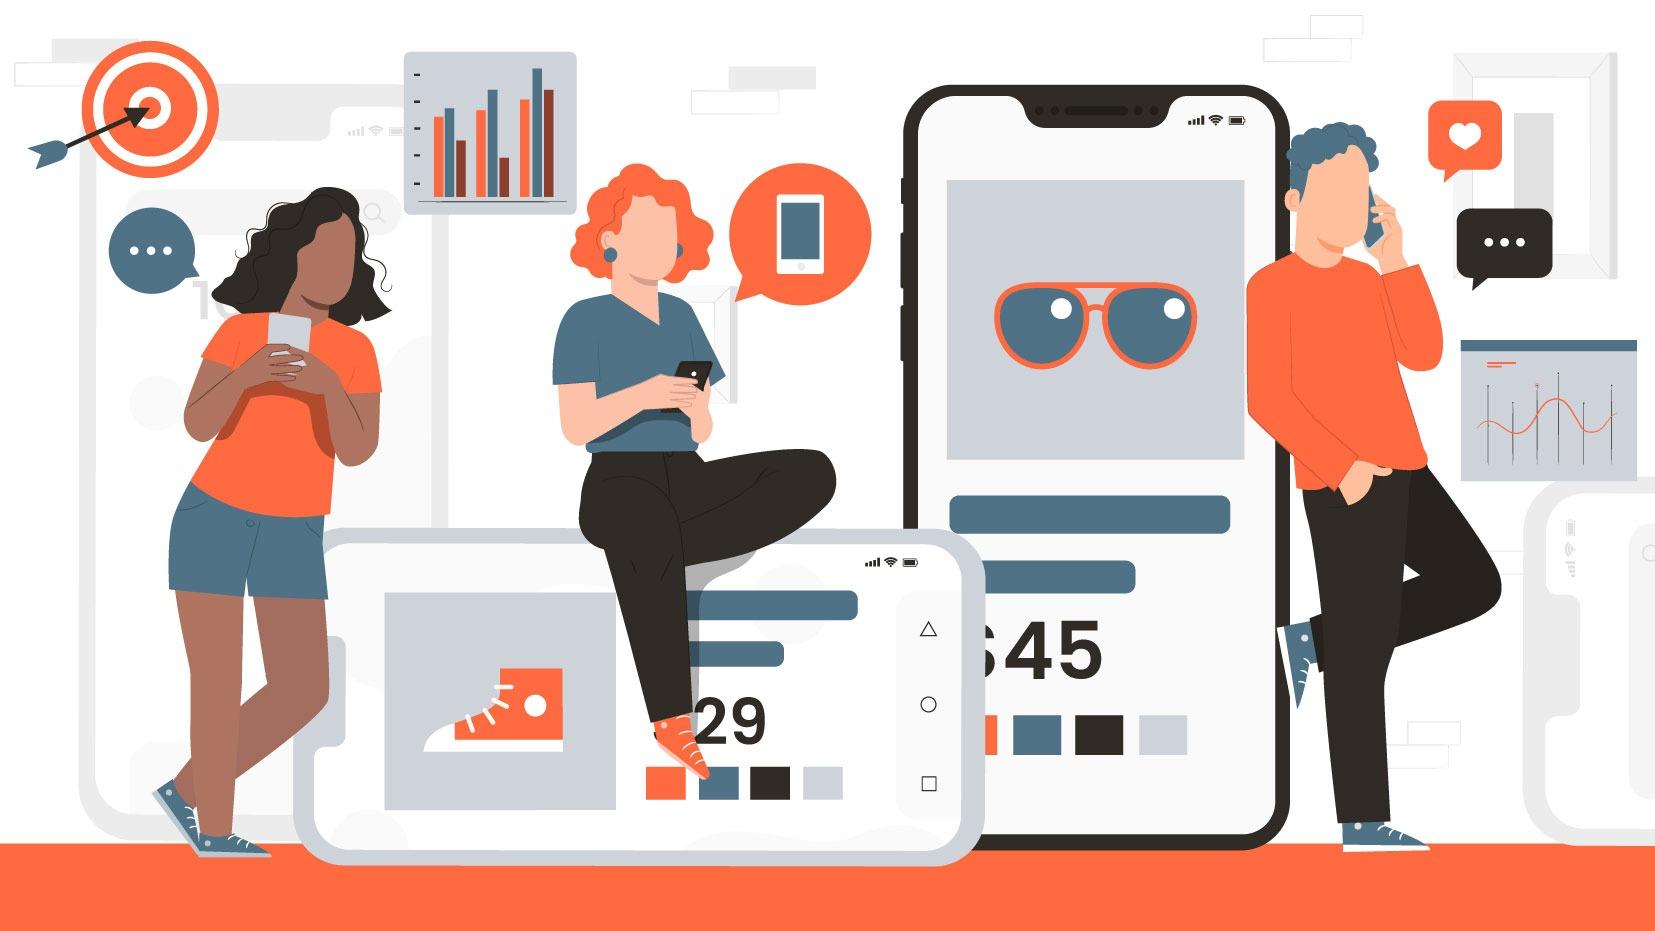 Core Web Vitals for Mobile